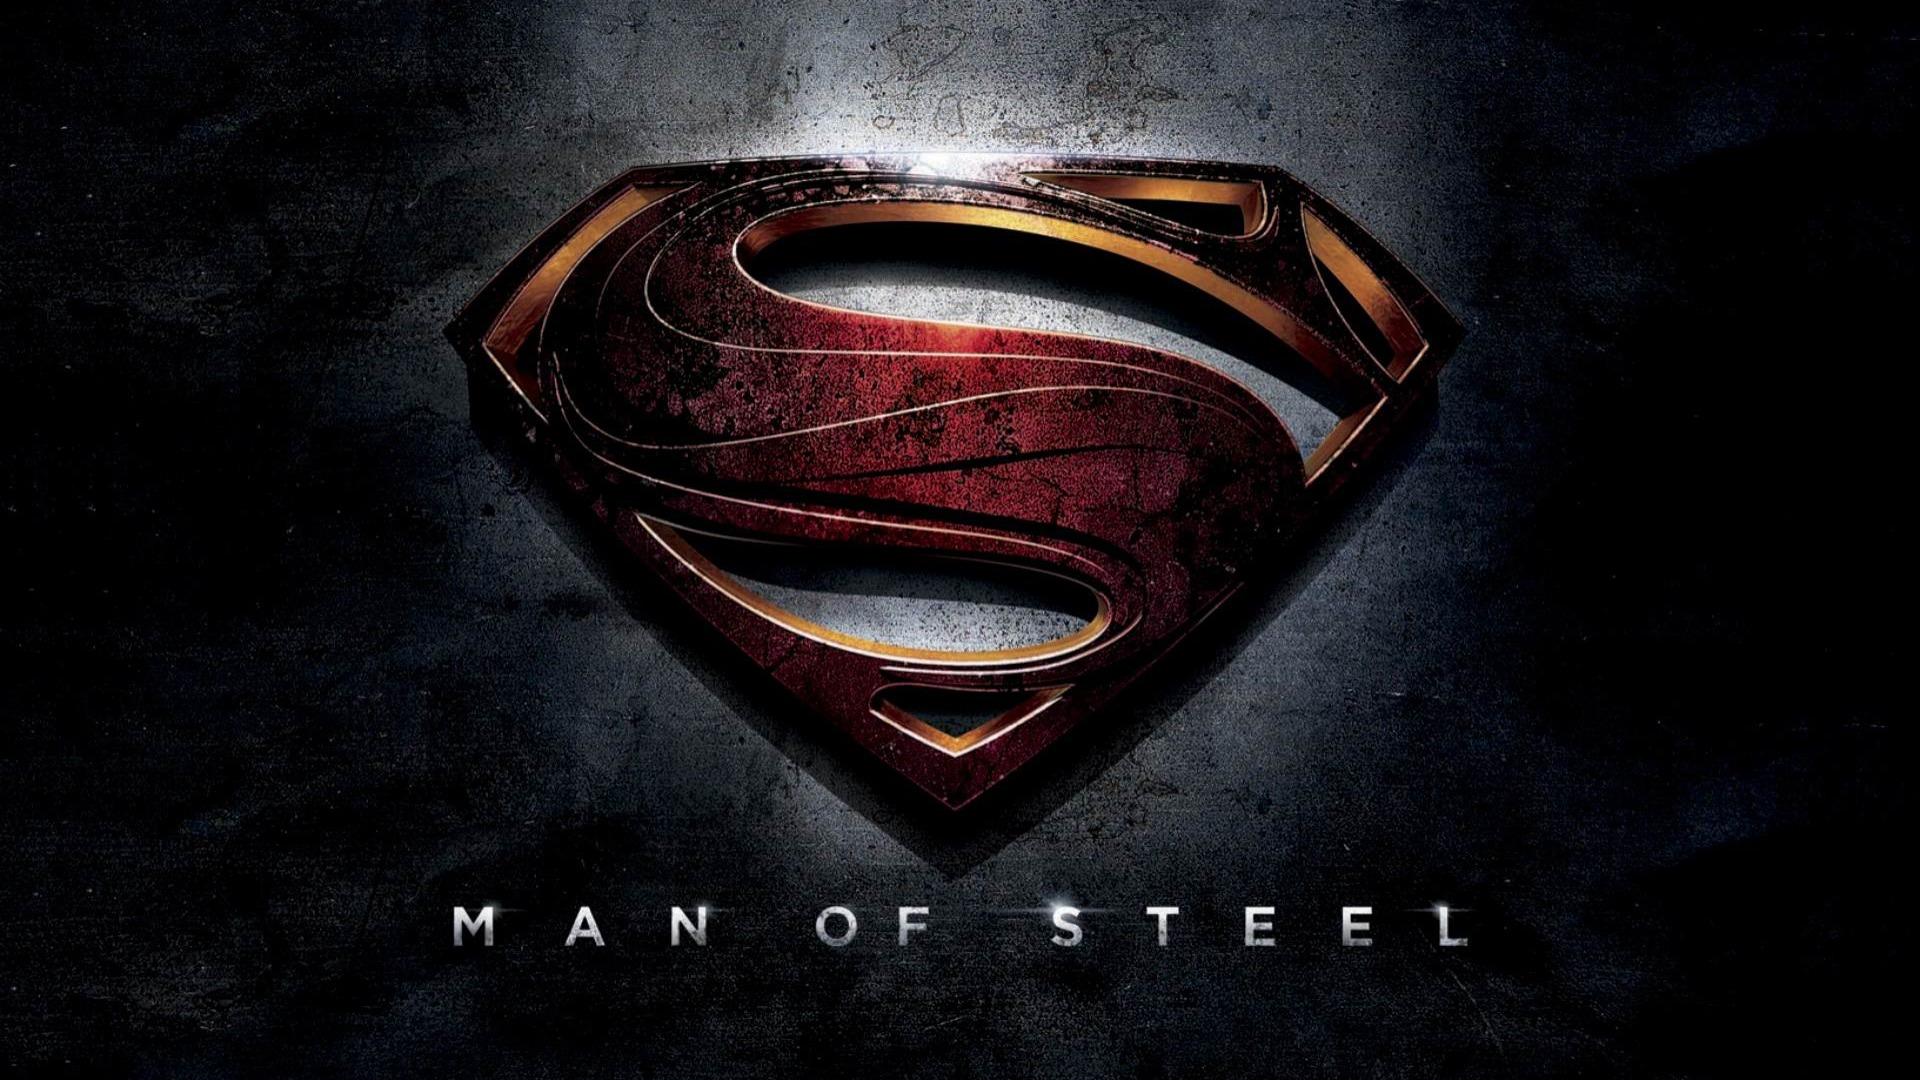 fonds d'écran superman man de steel : tous les wallpapers superman